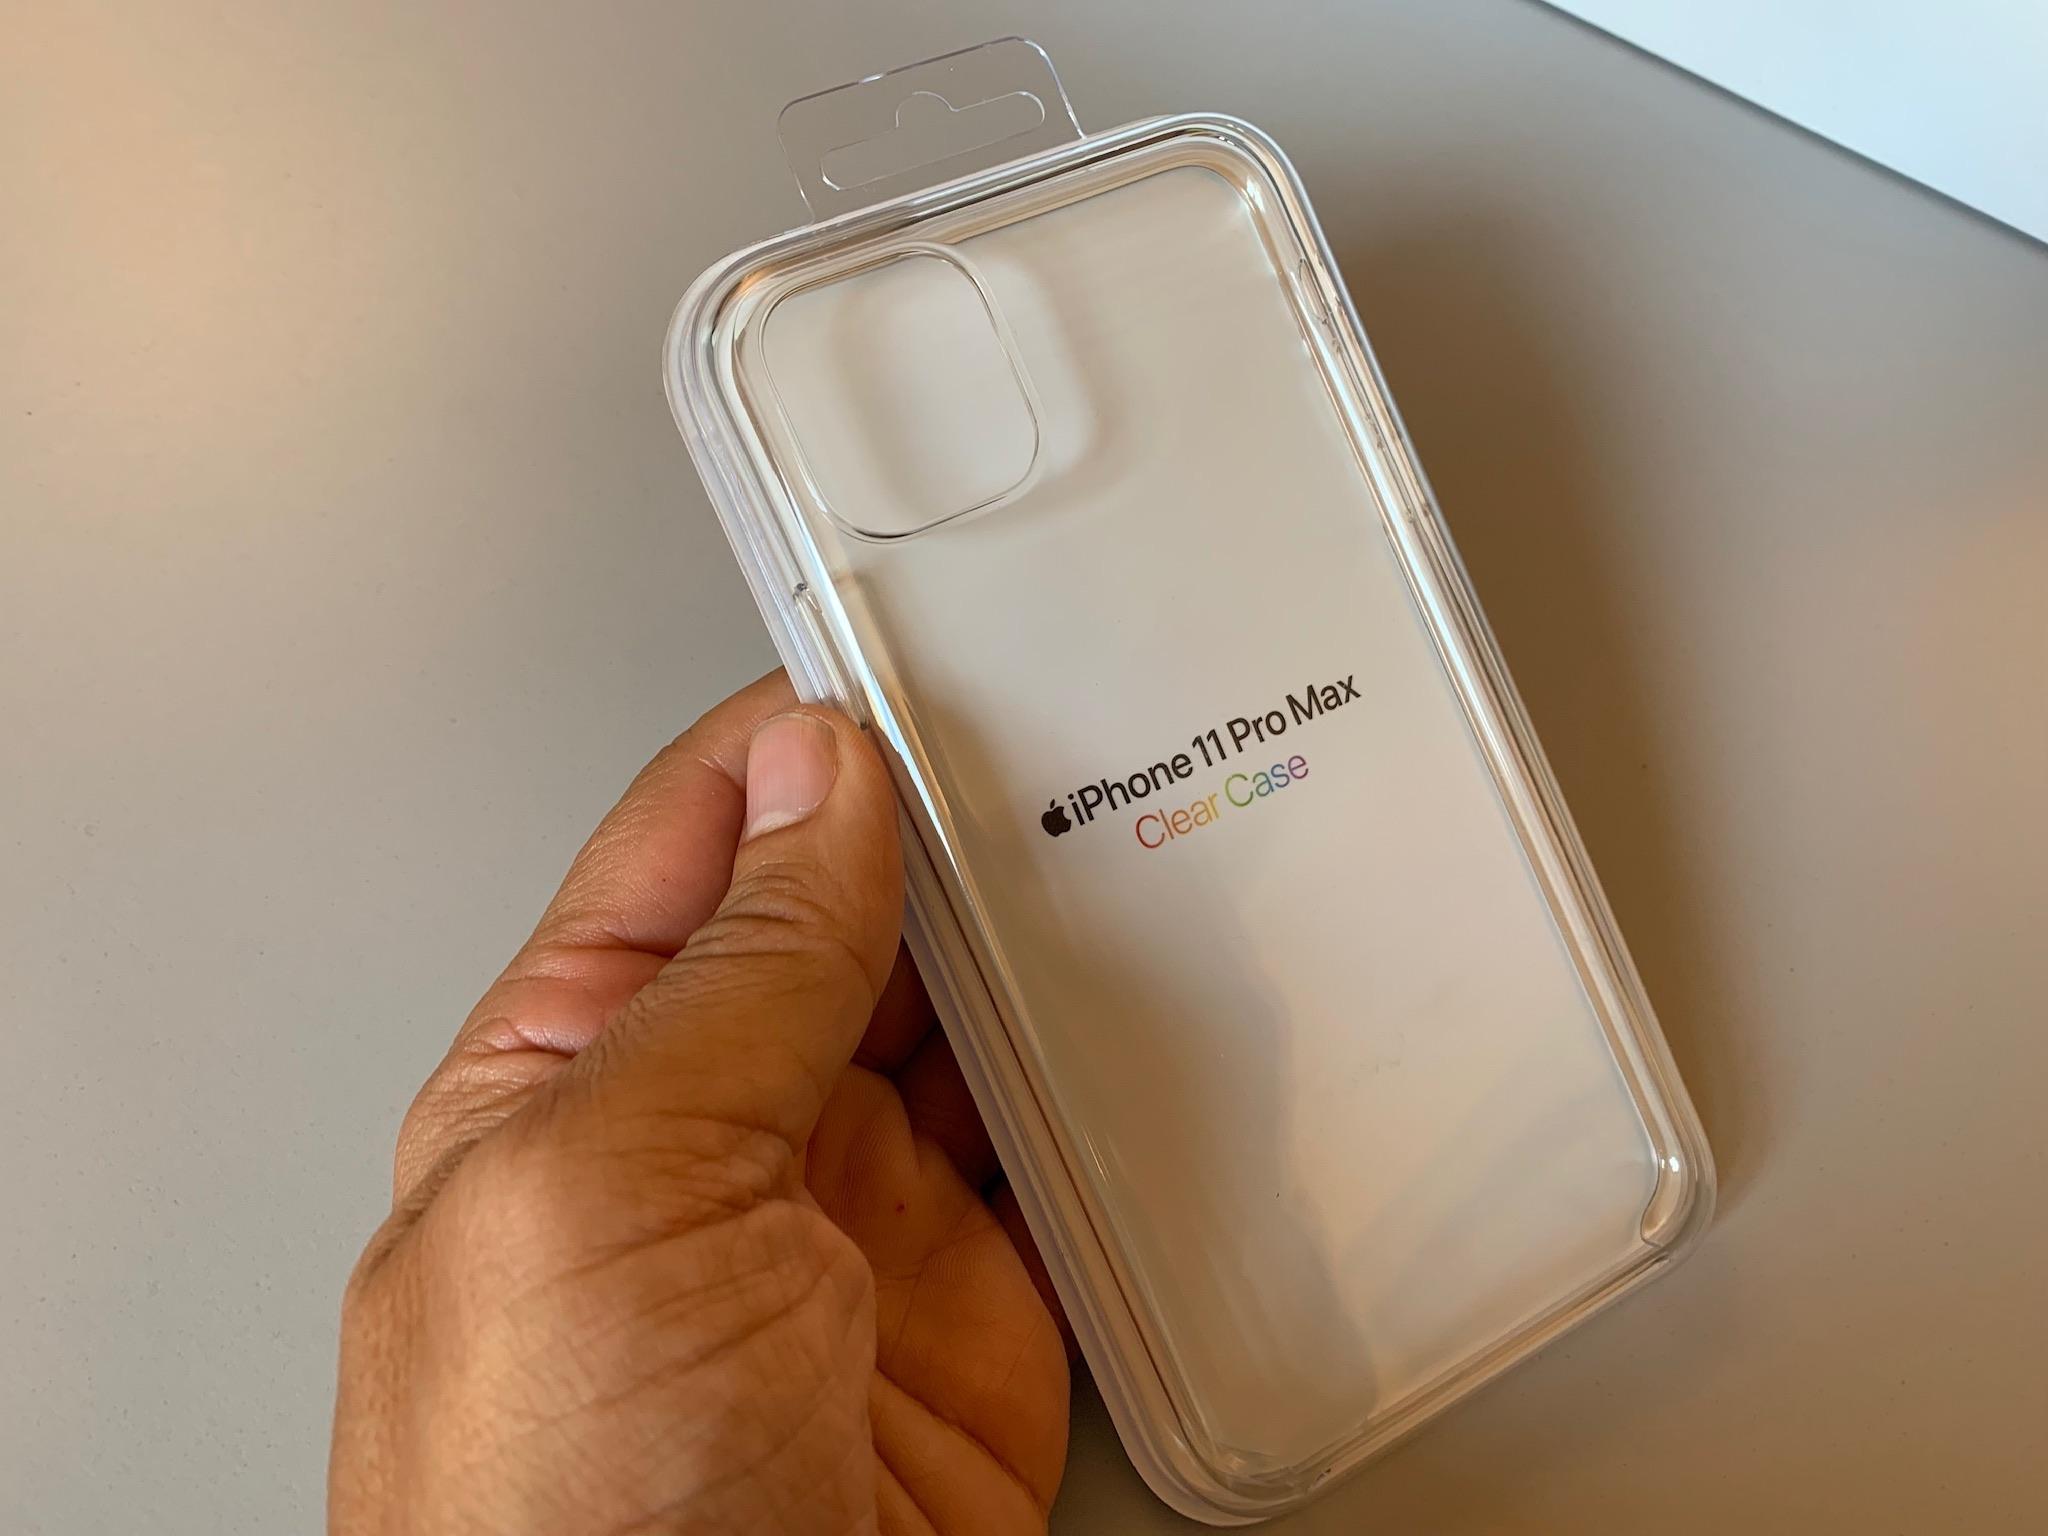 Cover iphone - Cover iphone prezzi & opinioni su